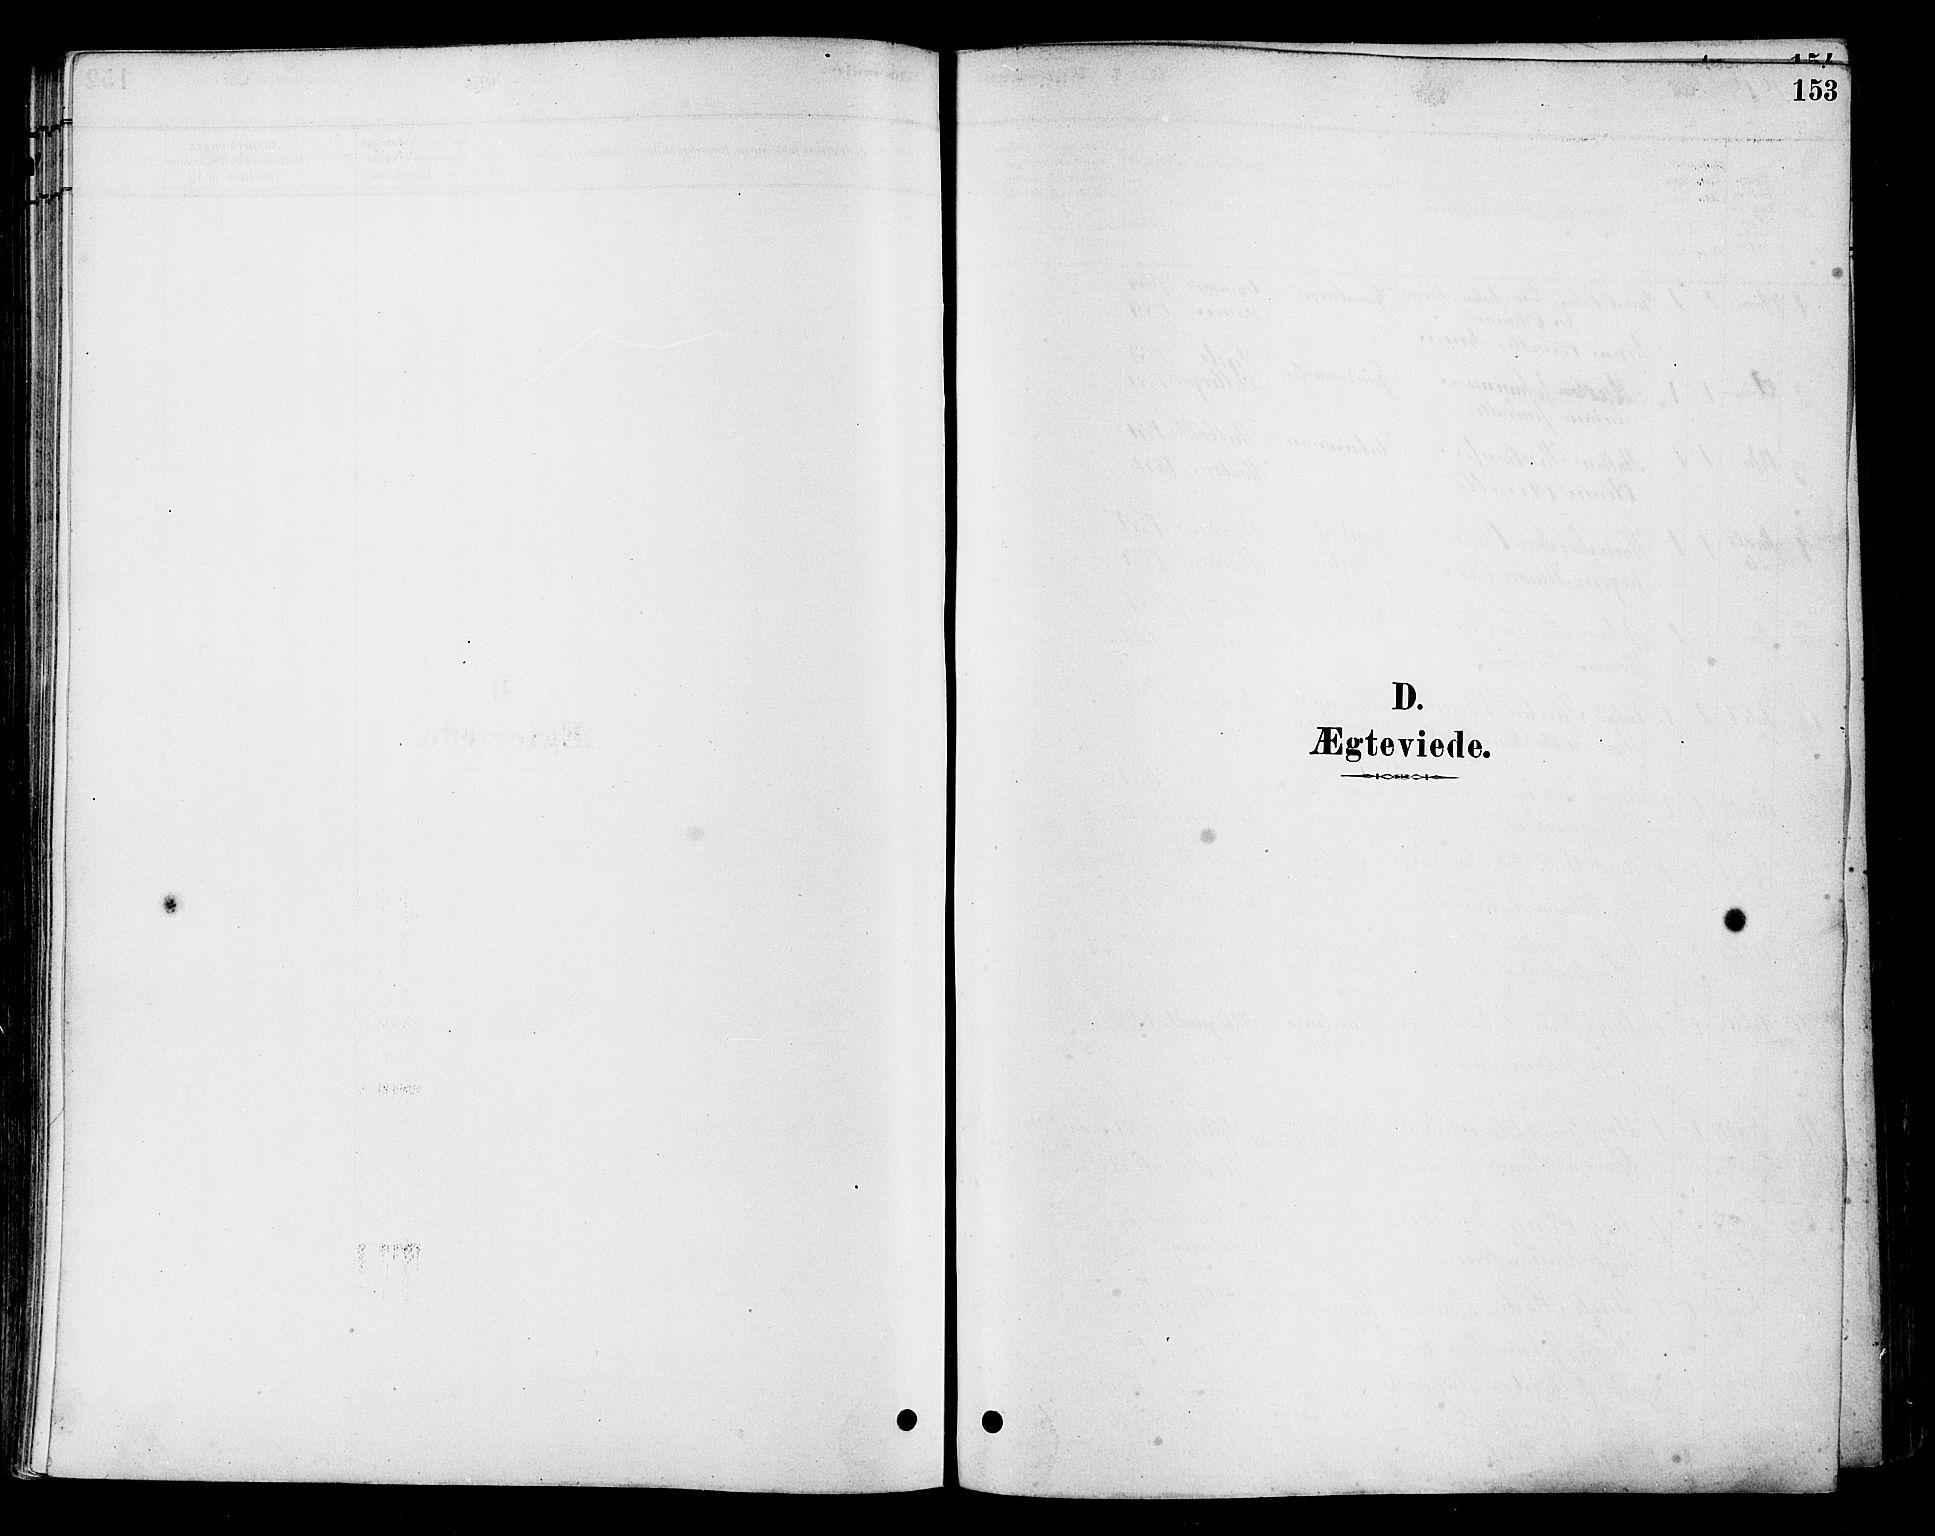 SAH, Vestre Toten prestekontor, Ministerialbok nr. 10, 1878-1894, s. 153